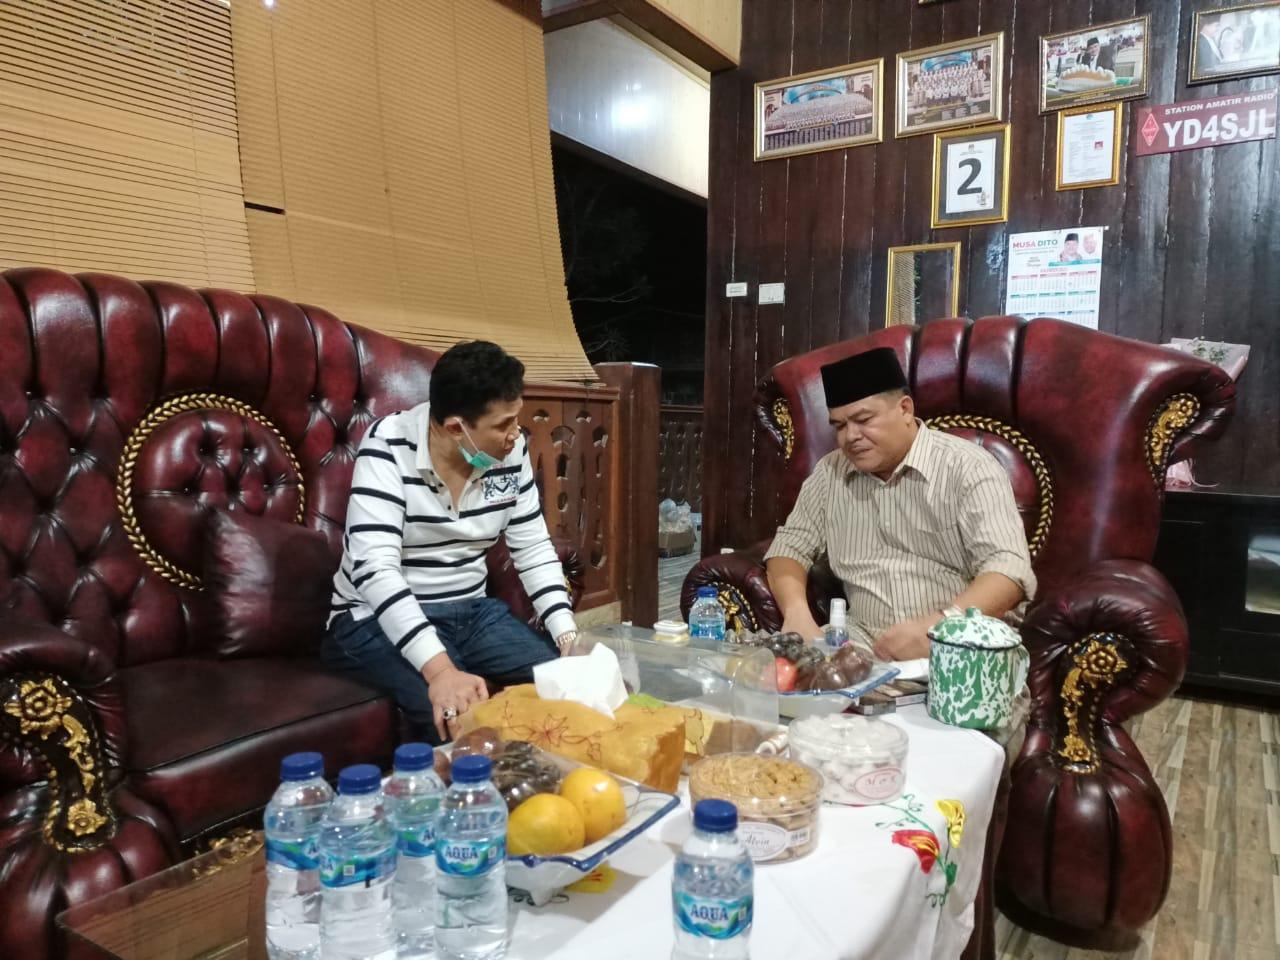 Hadir Di Kediaman Musa Ahmad, SPDB Edward Edward Syah Pernong Ucapkan Selamat Dan Mendoakan